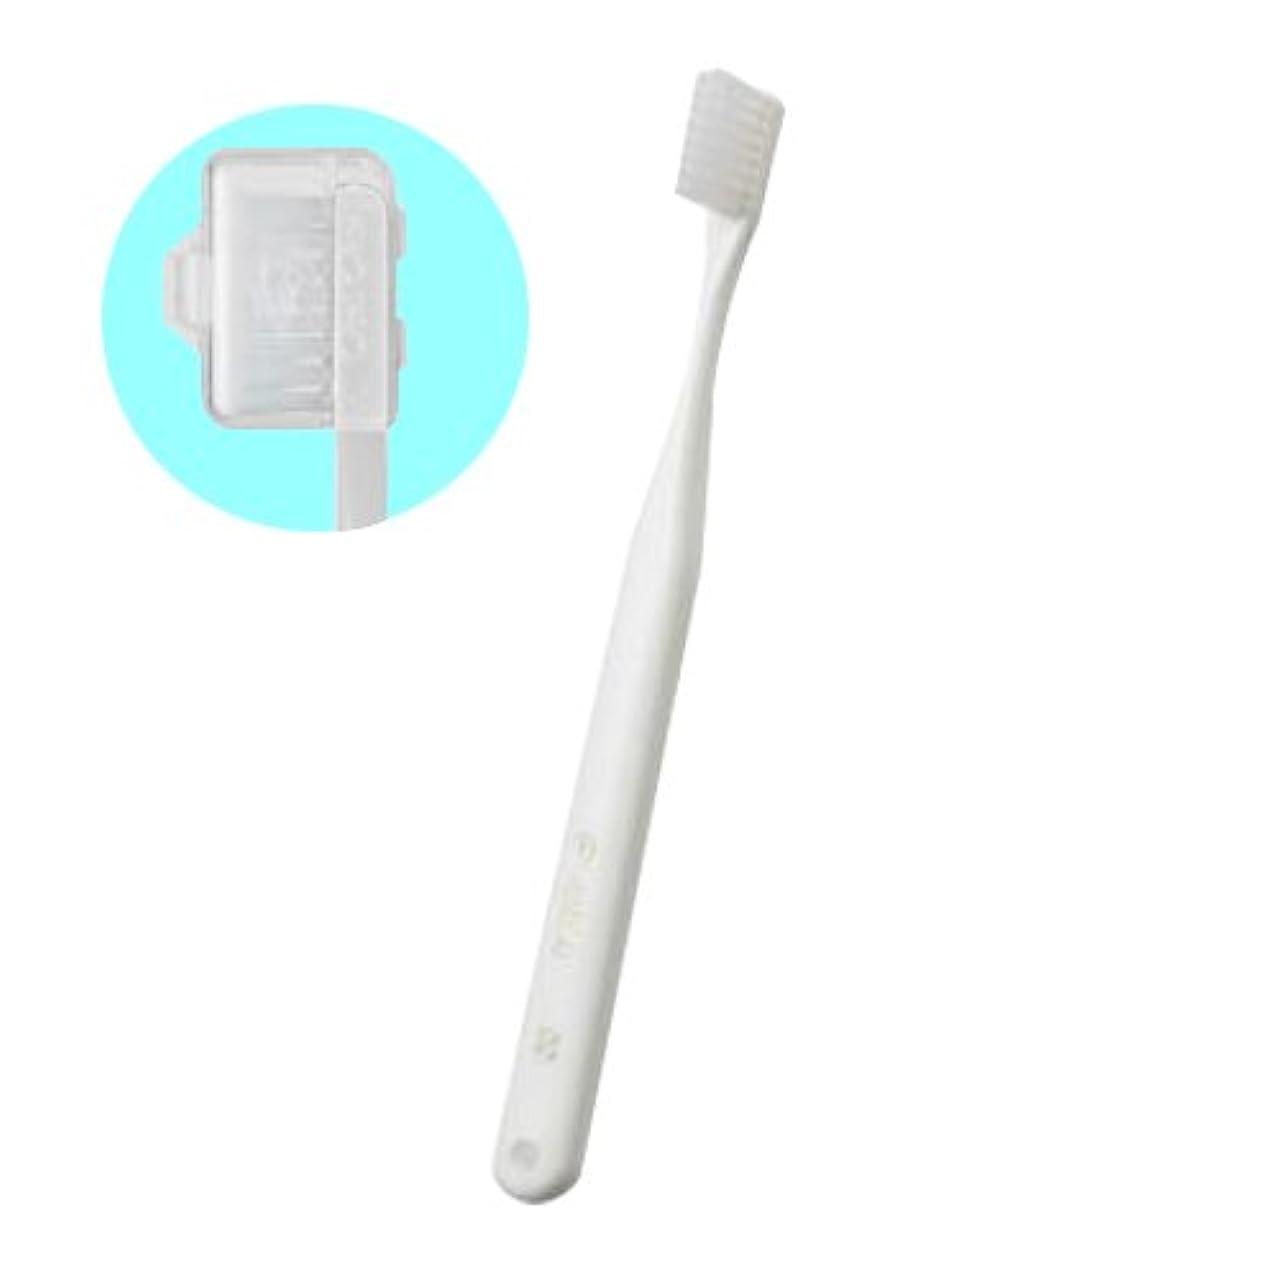 論理的離す狂信者オーラルケア キャップ付き タフト 24 歯ブラシ エクストラスーパーソフト 1本 (ホワイト)